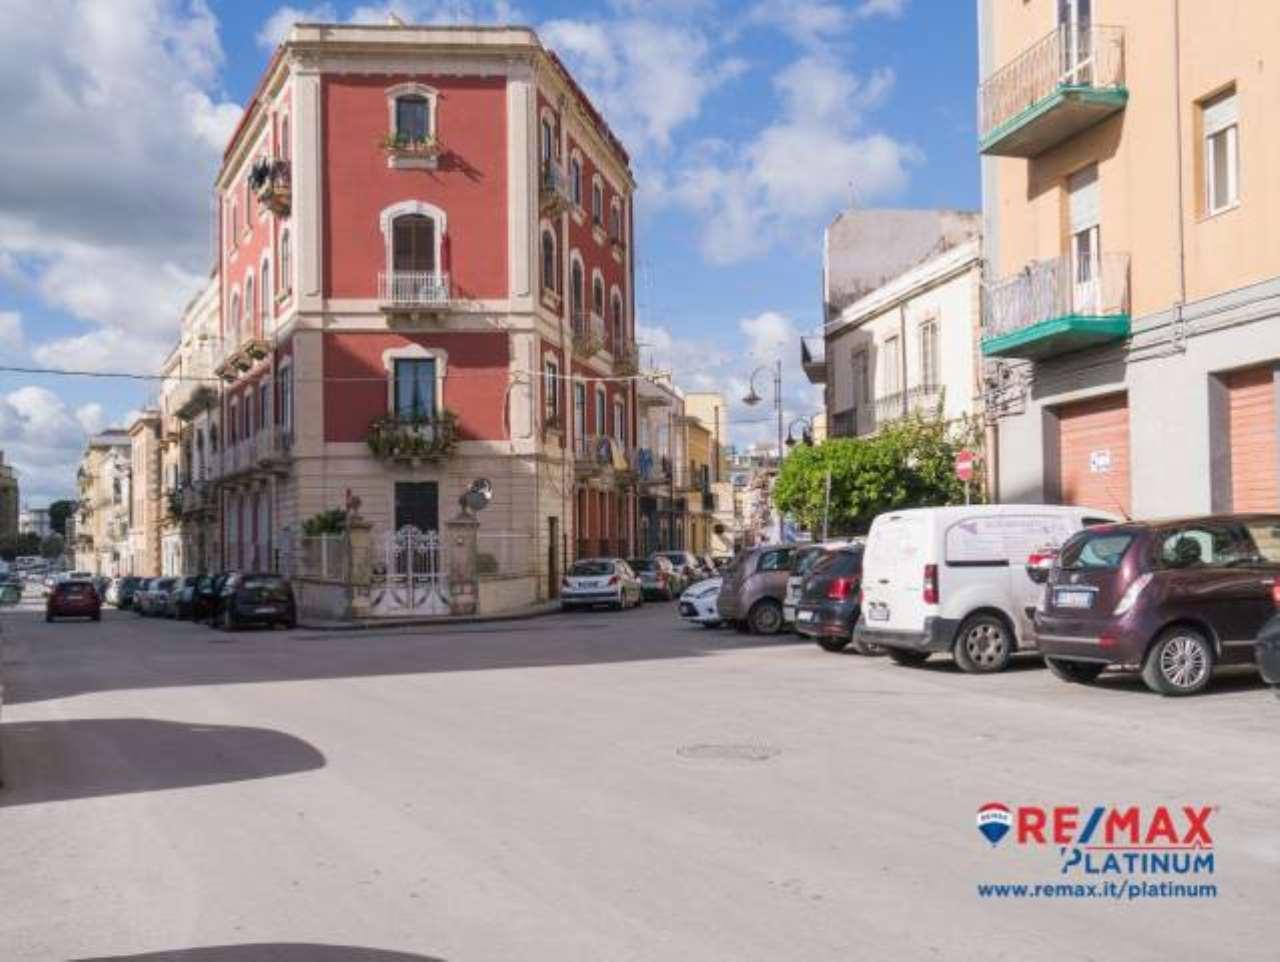 Magazzino in vendita a Siracusa, 19 locali, prezzo € 239.000 | PortaleAgenzieImmobiliari.it